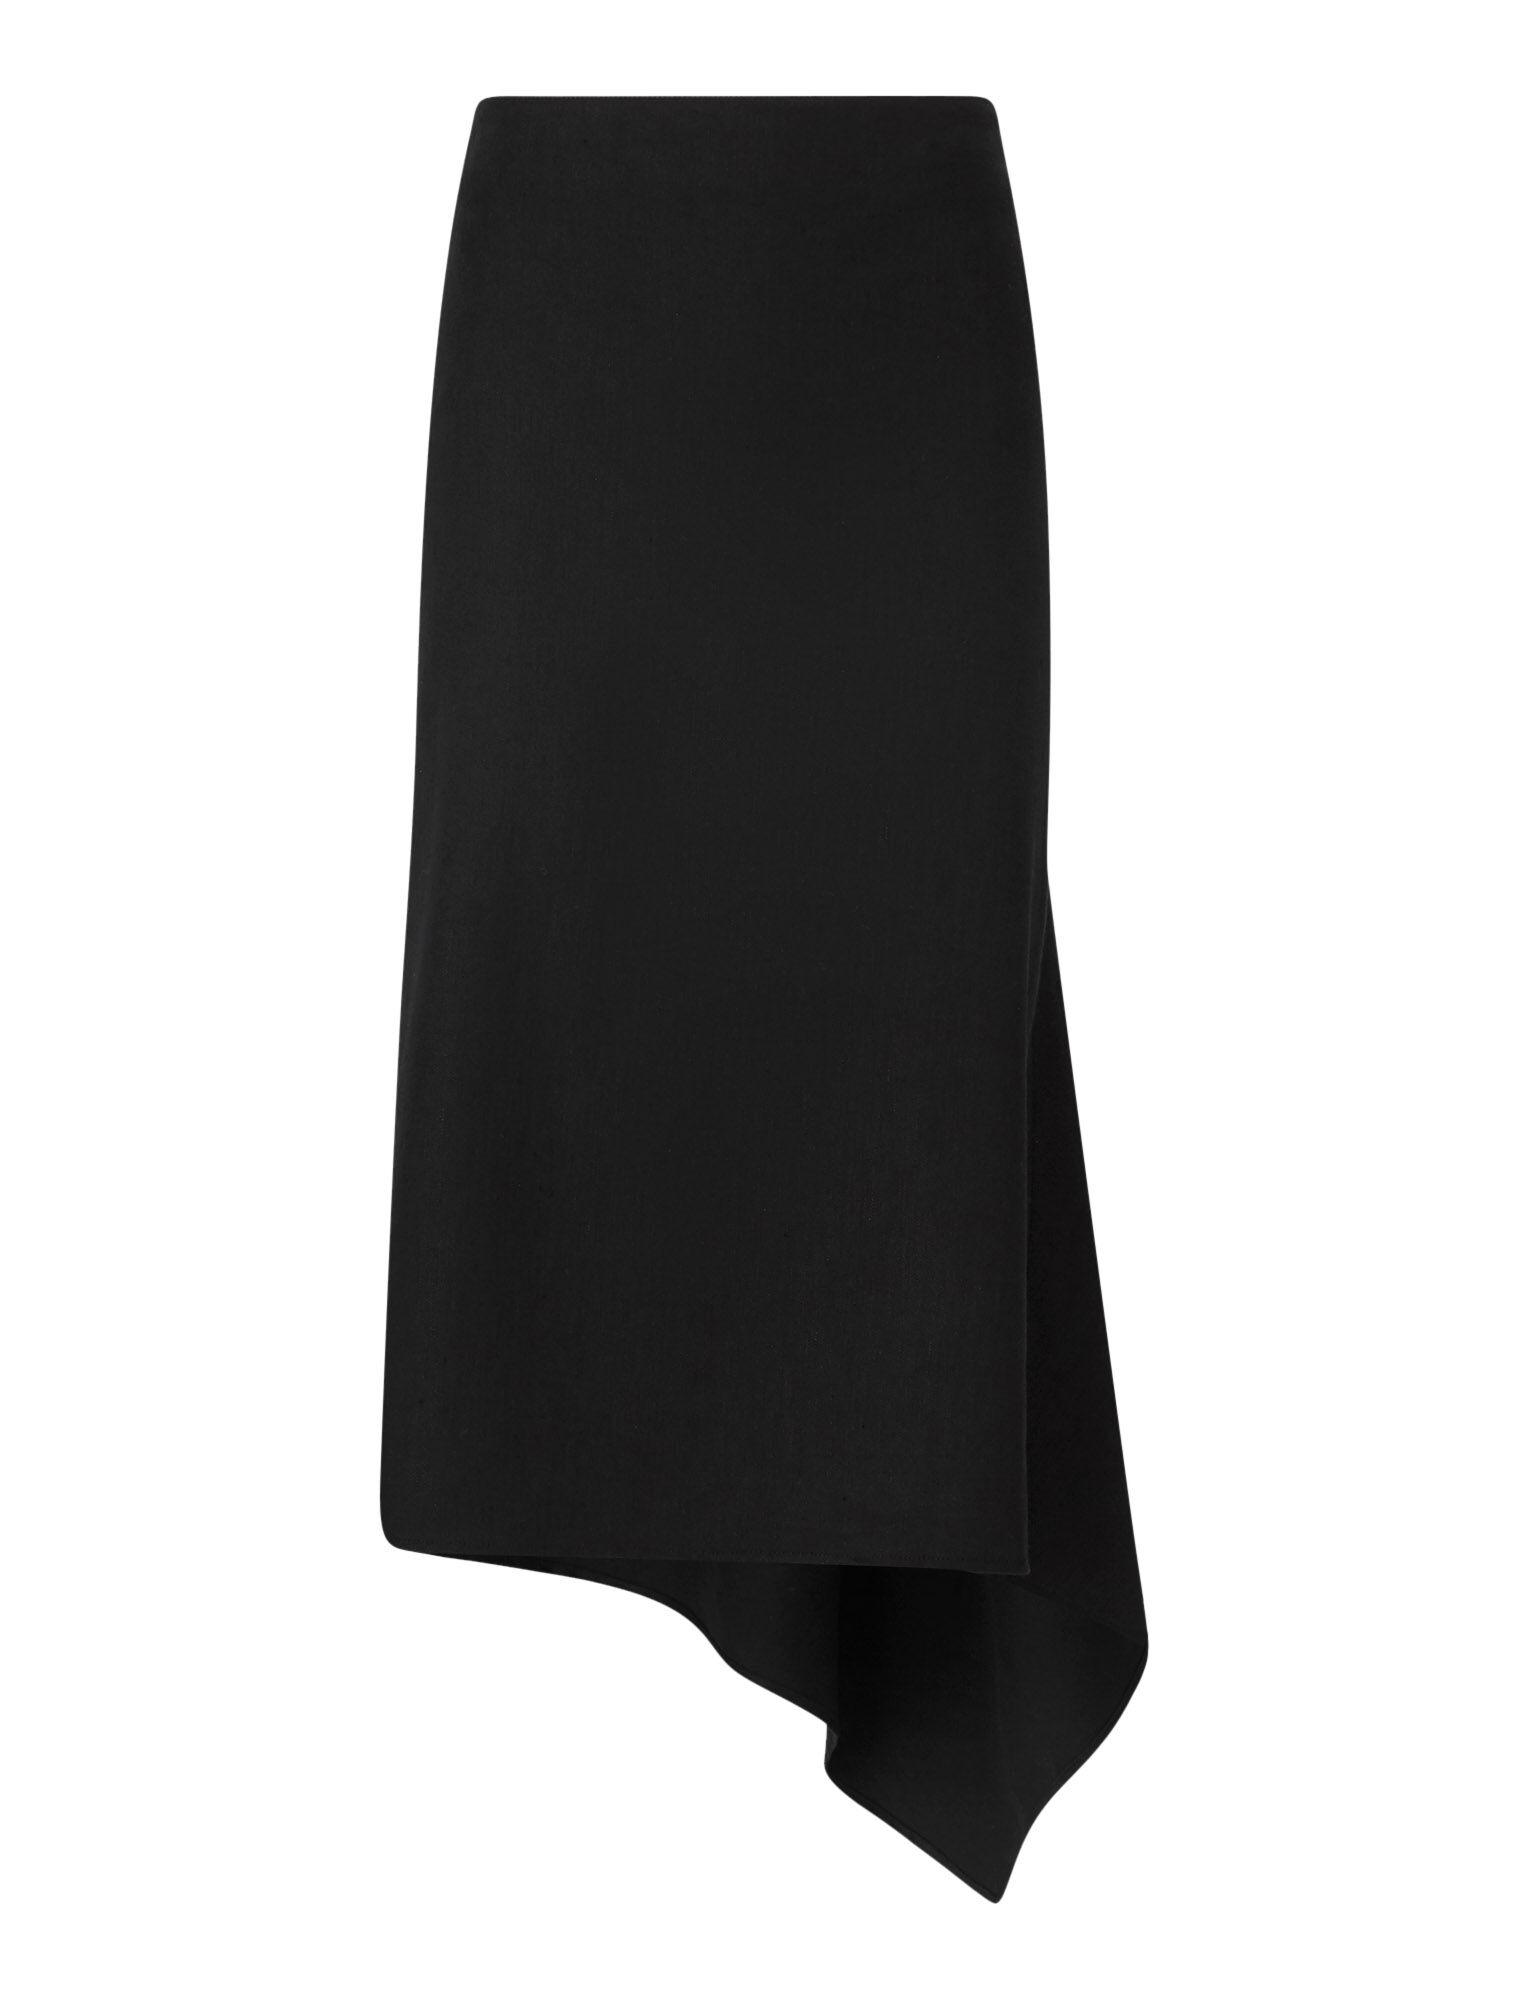 Joseph, Dillion Stretch Linen Skirt, in BLACK